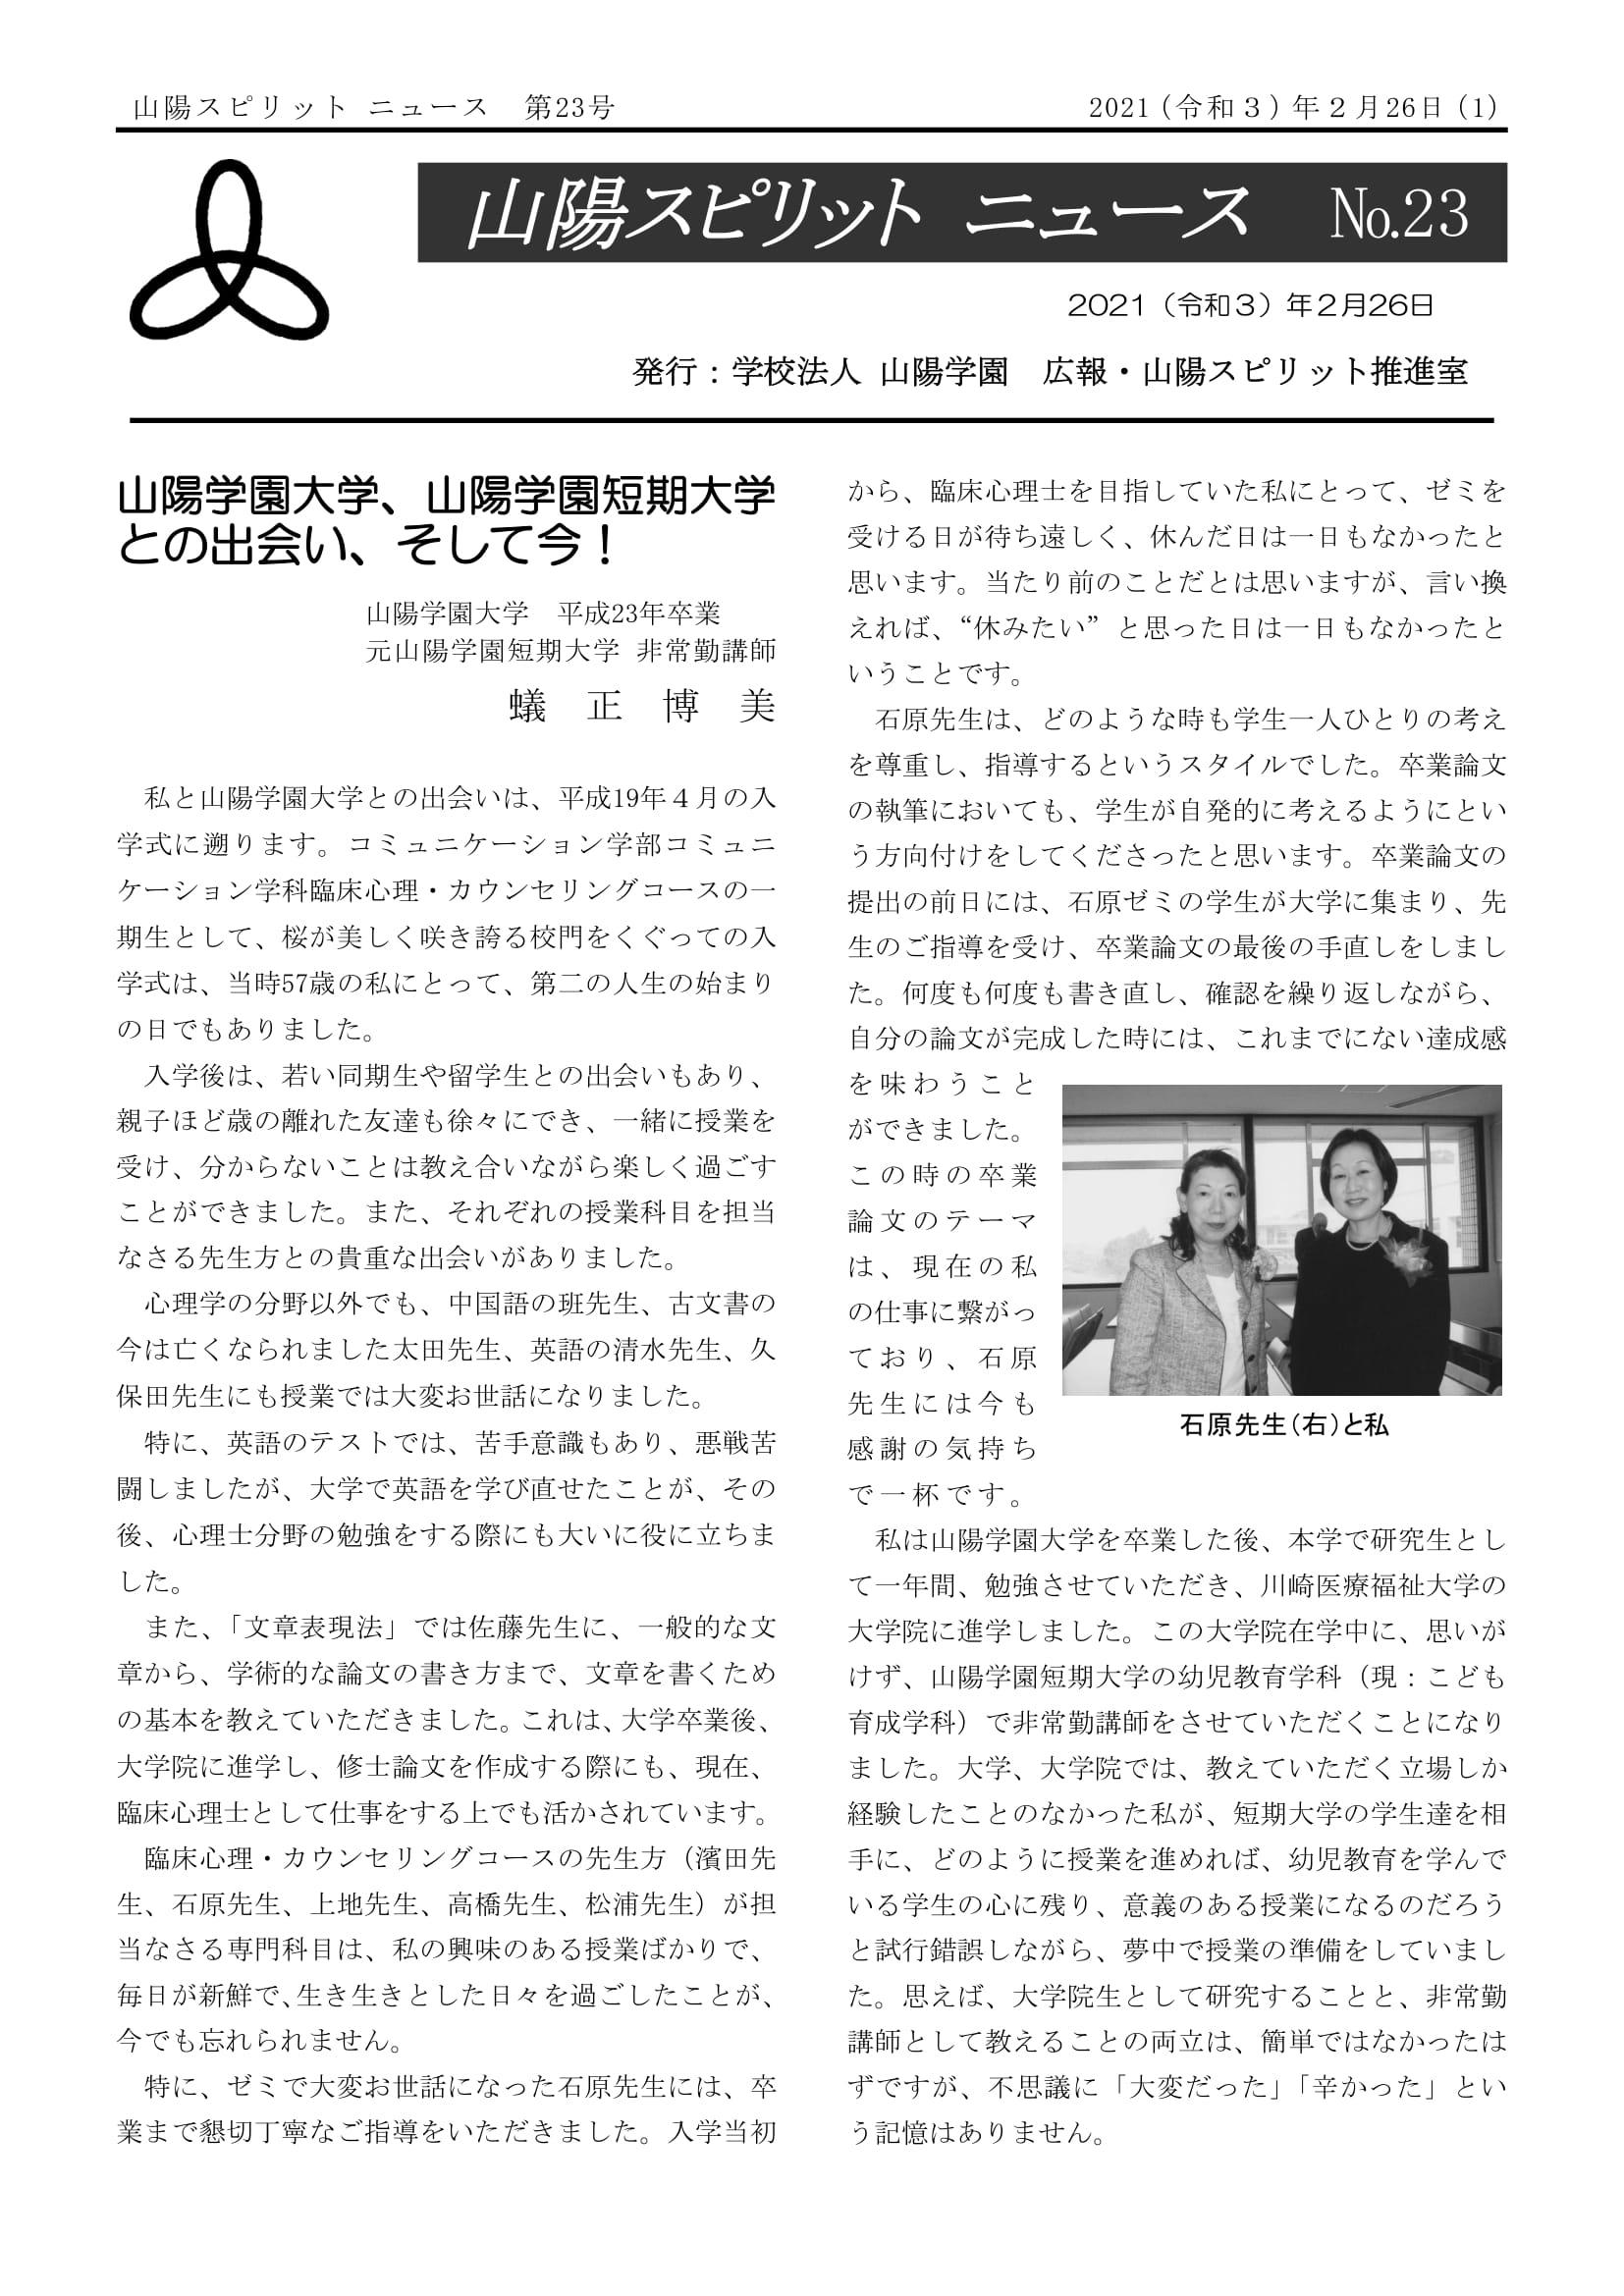 「山陽スピリットニュース」23号-1